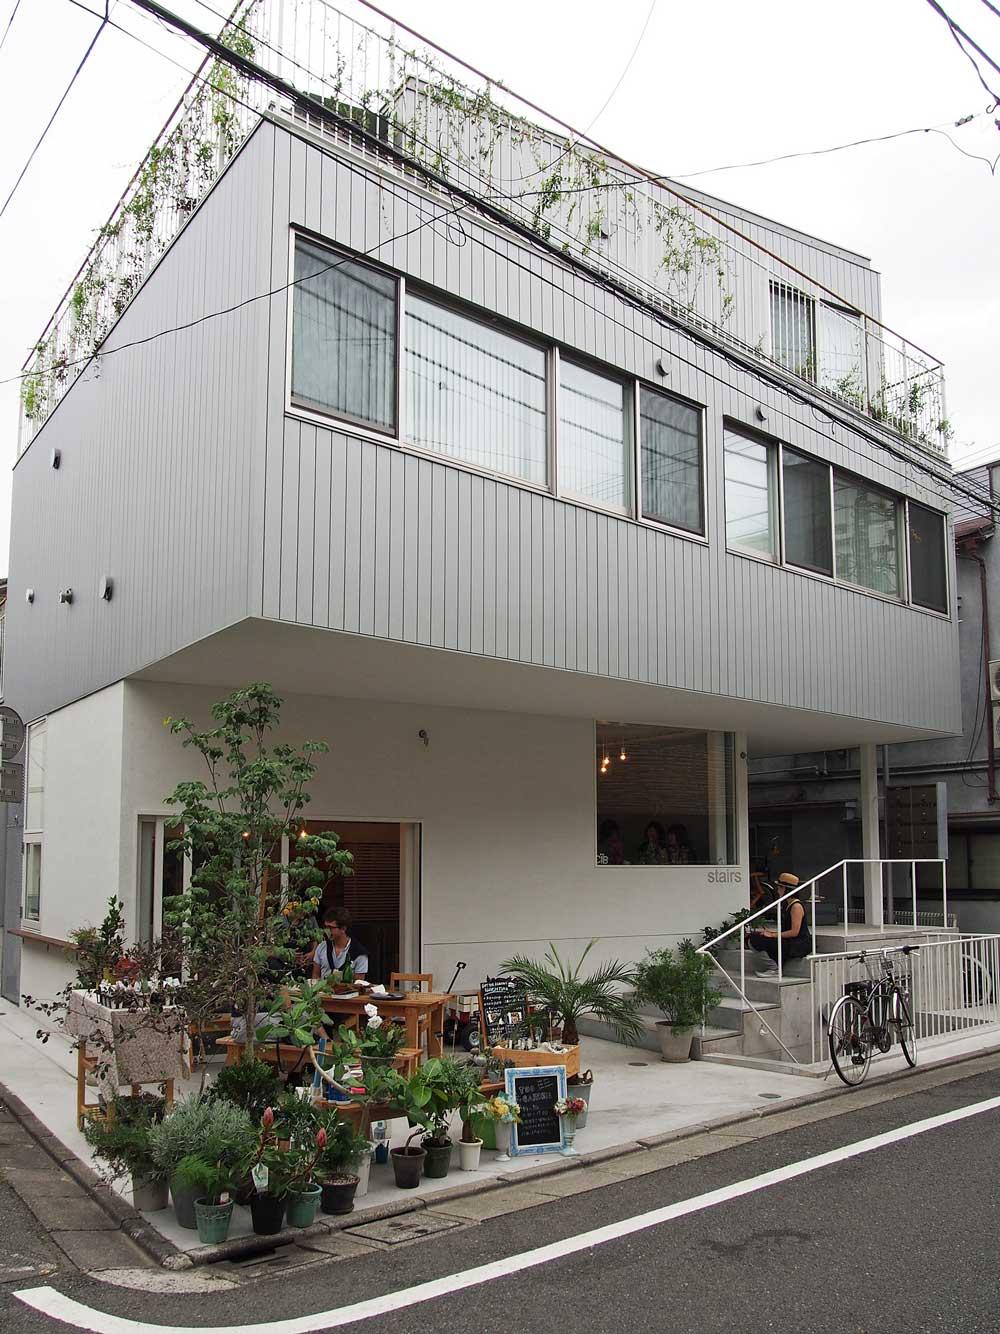 道路に面した北側外観。1階に食堂がある。3つの箱をずらして積層し、1~3階のSOHO住戸につながるテラスと階段がらせん状に外周を取り巻く(写真:飯田 彩)